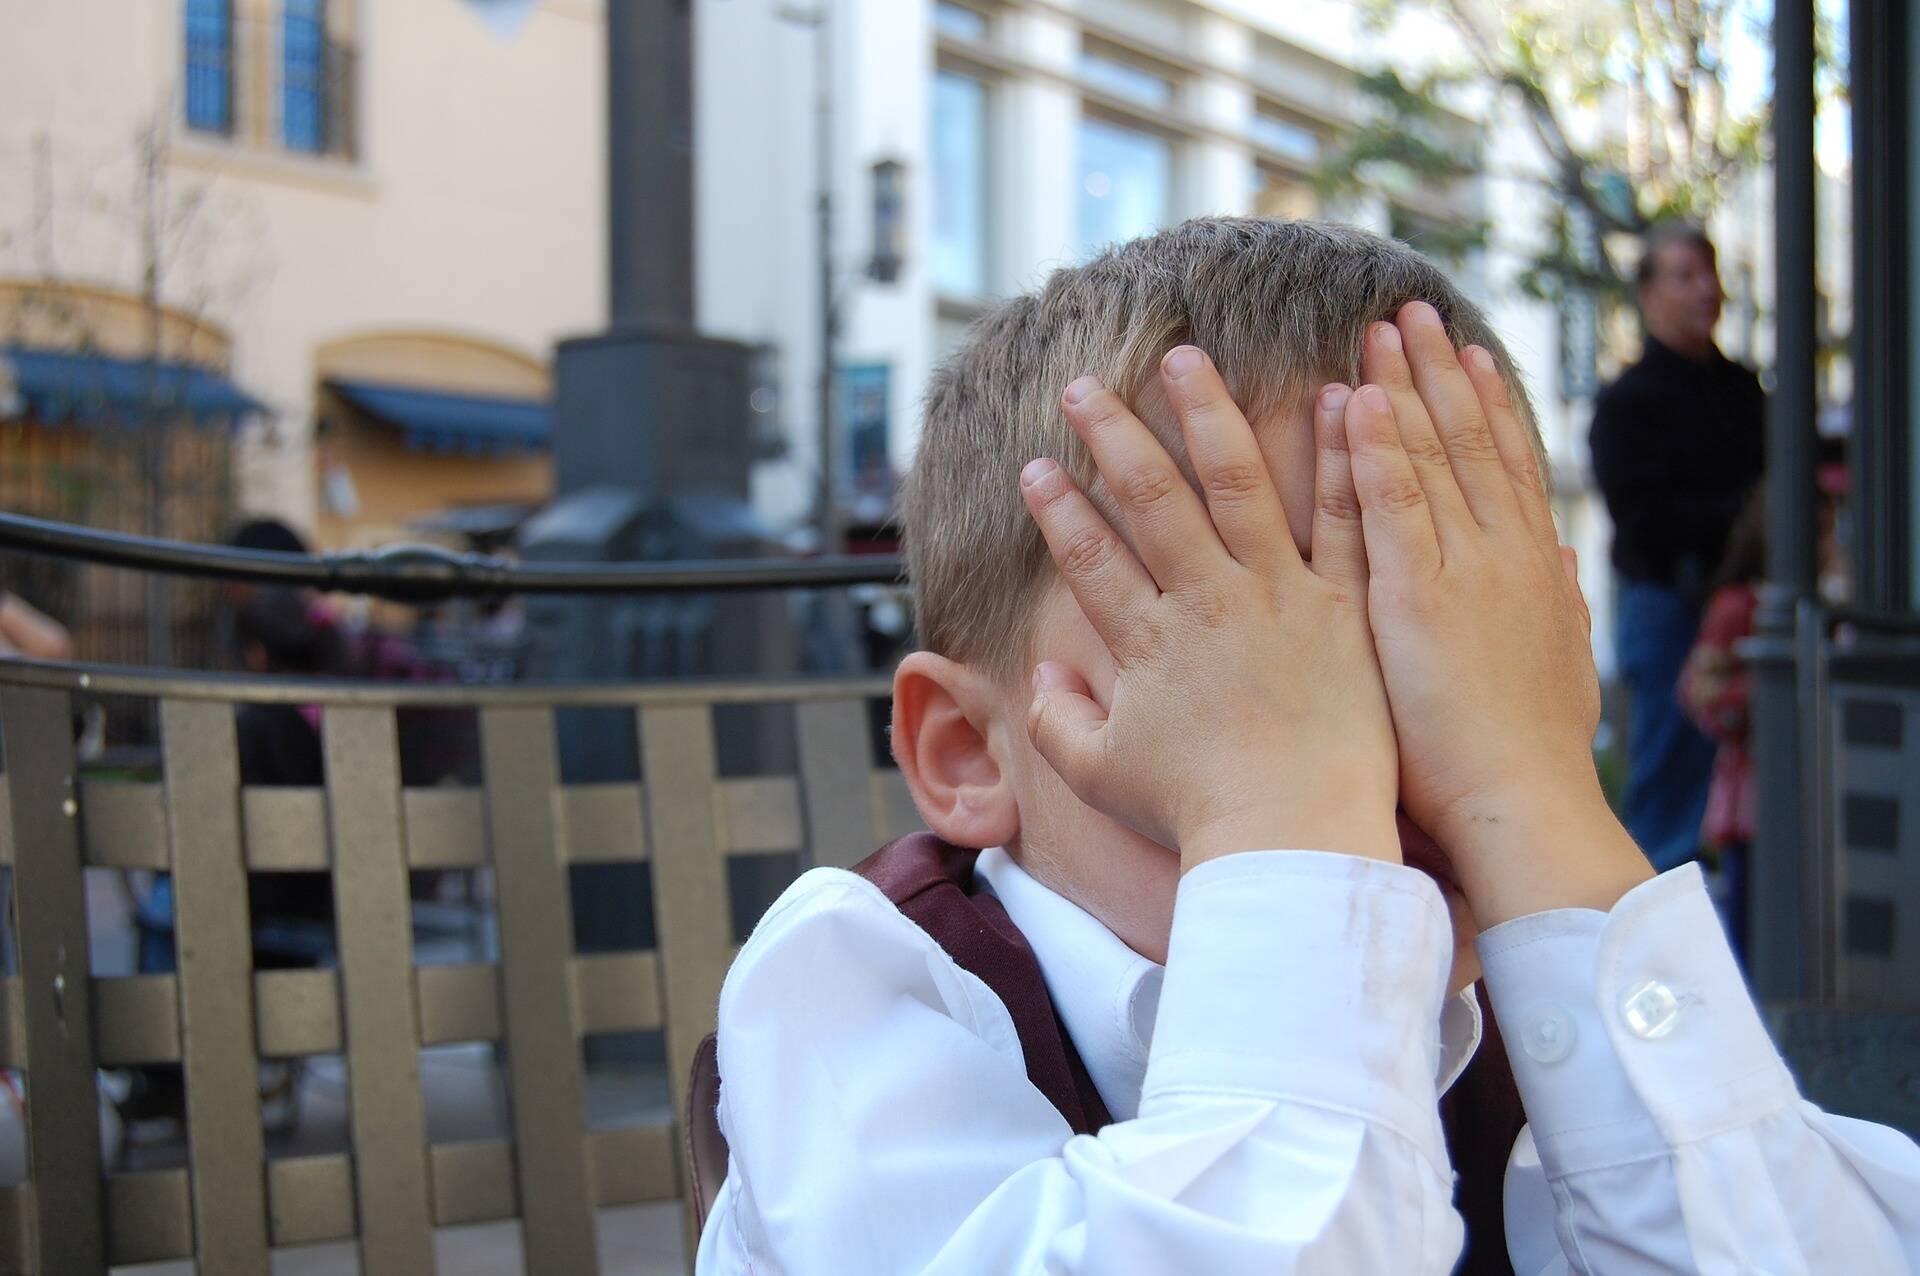 Isolamento na pandemia afetou comportamento de crianças, dizem pediatras